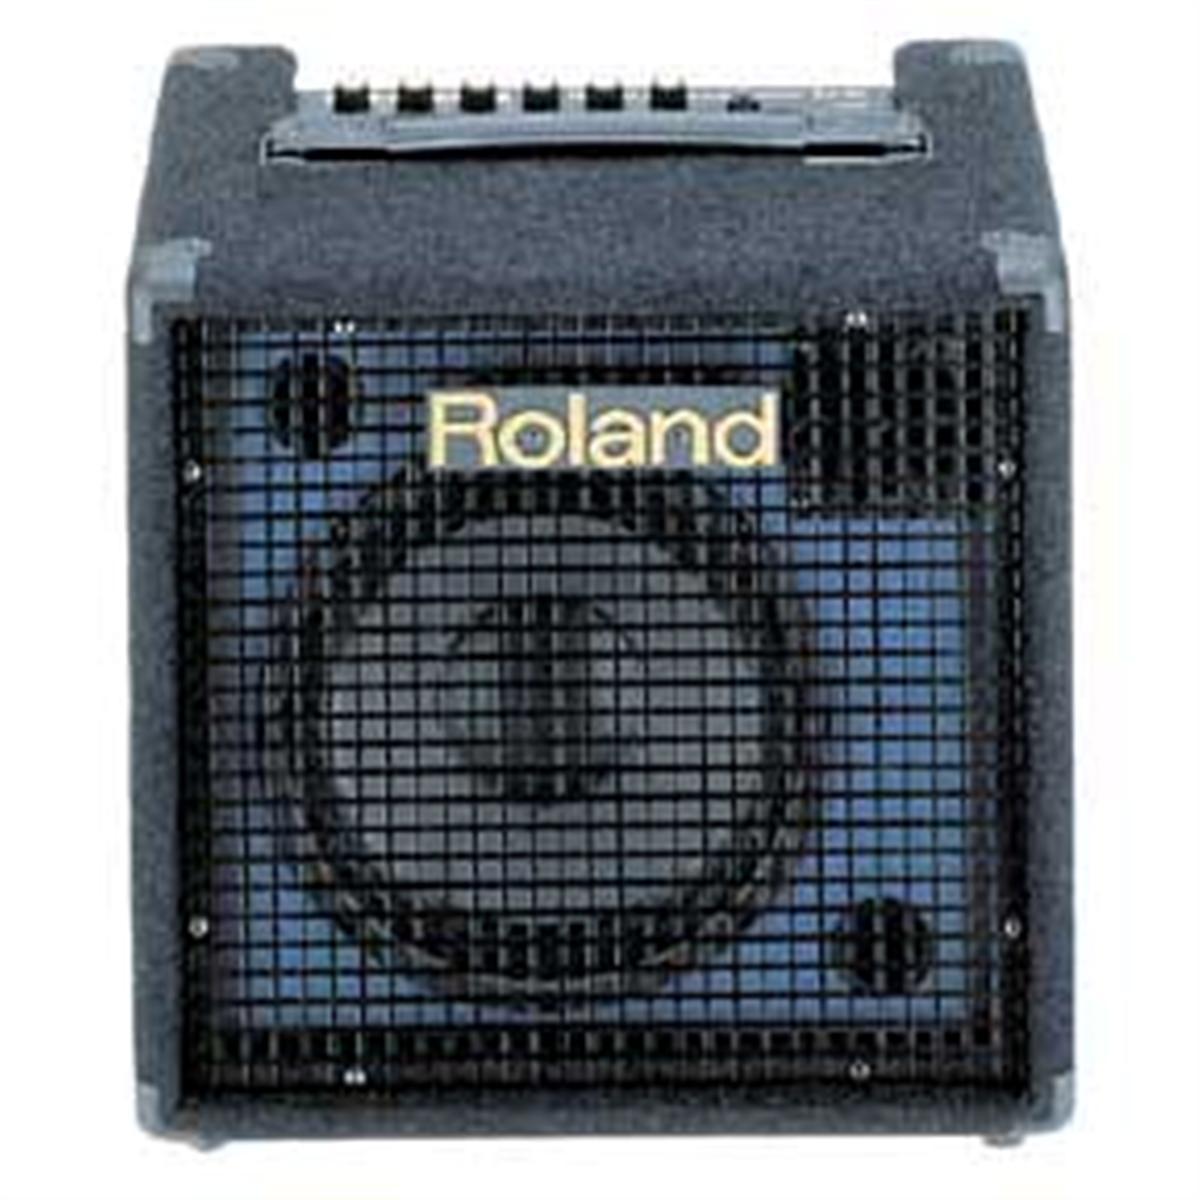 roland kc60 keyboard amp. Black Bedroom Furniture Sets. Home Design Ideas